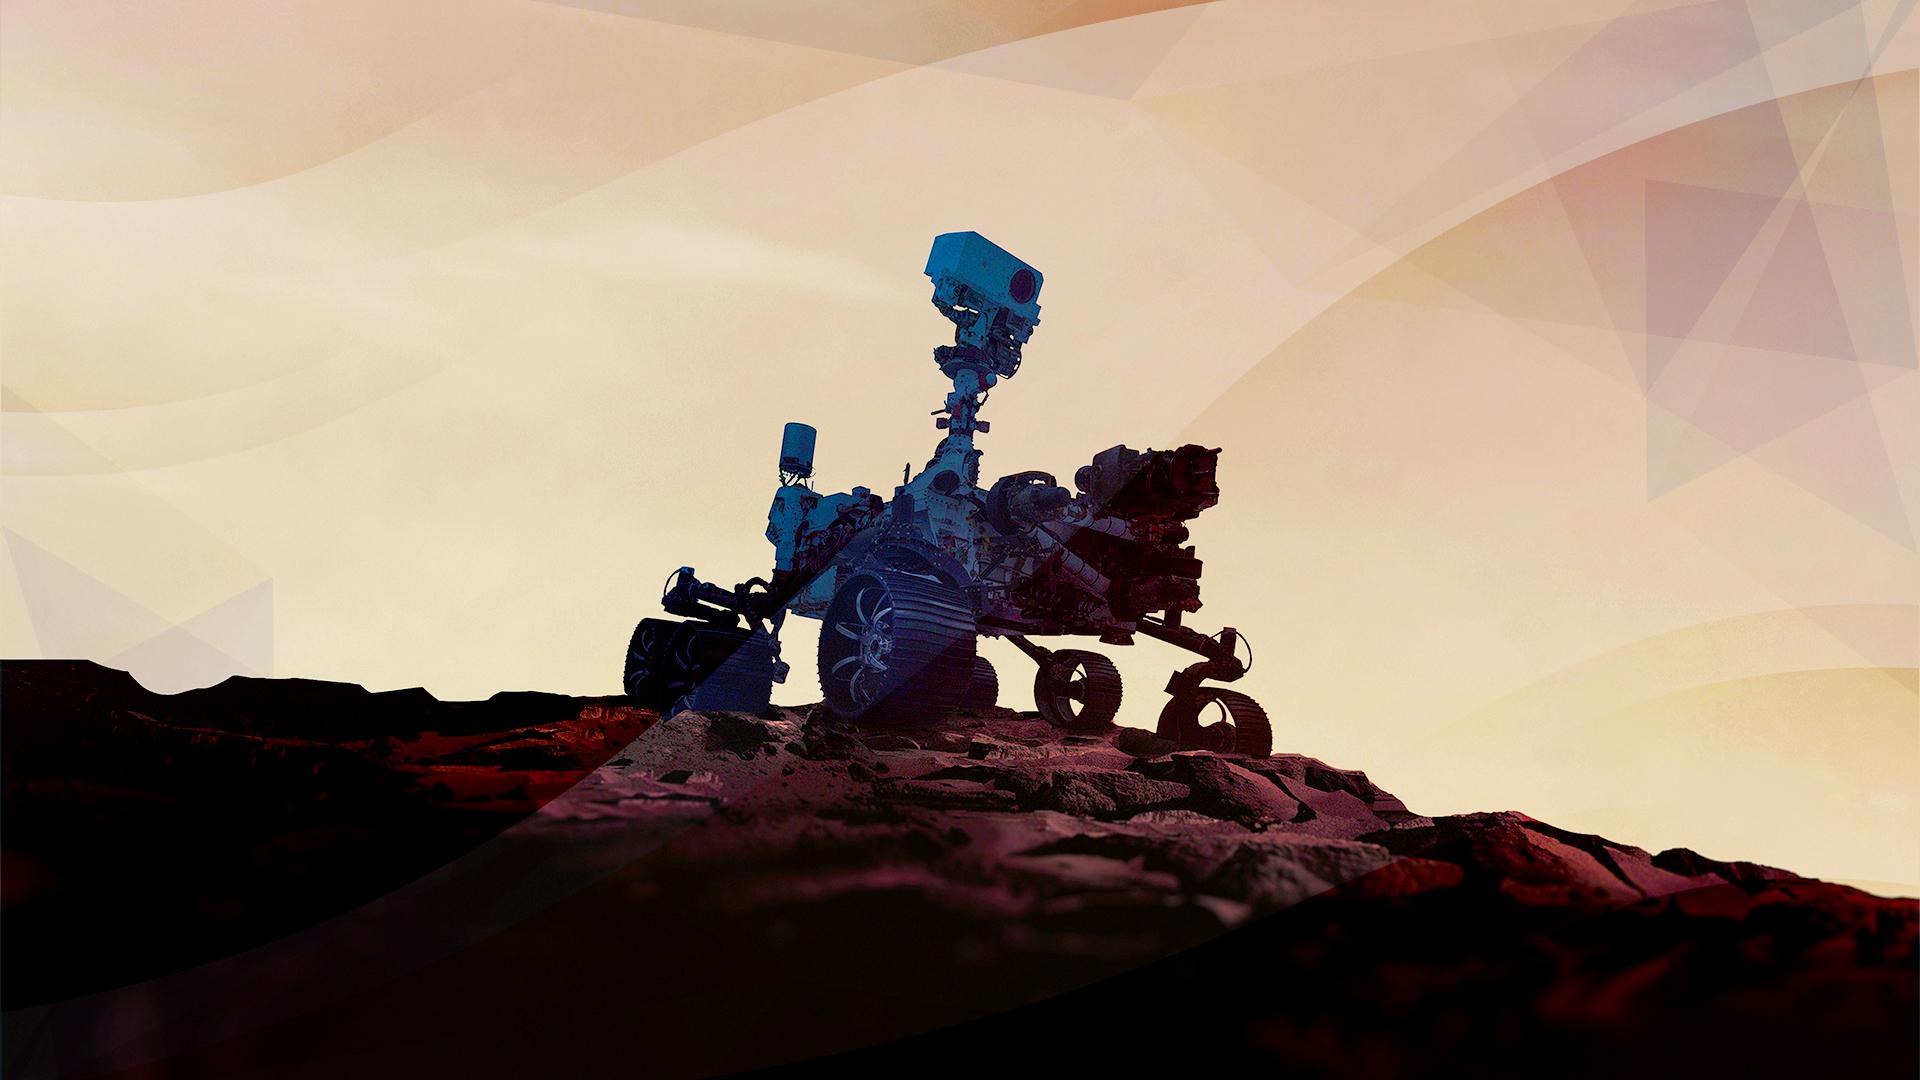 Weltraum, Raumfahrt, Nasa, Roboter, Weltall, Oberfläche, Mars, Sonde, Curiosity, rover, Lander, Mars-Rover, Perserverance, Mars 2020, Opportunity, Marsmission, Bohrer, Mars-Basis, HP3, Mars 2020 Rover, Marsboden, Perseverance, Mars Rover, Mars Science City, MSL, Weltraumbasis, marsrover, Mastcam-Z, Beagle 2, Landeplatz, Gale Krater